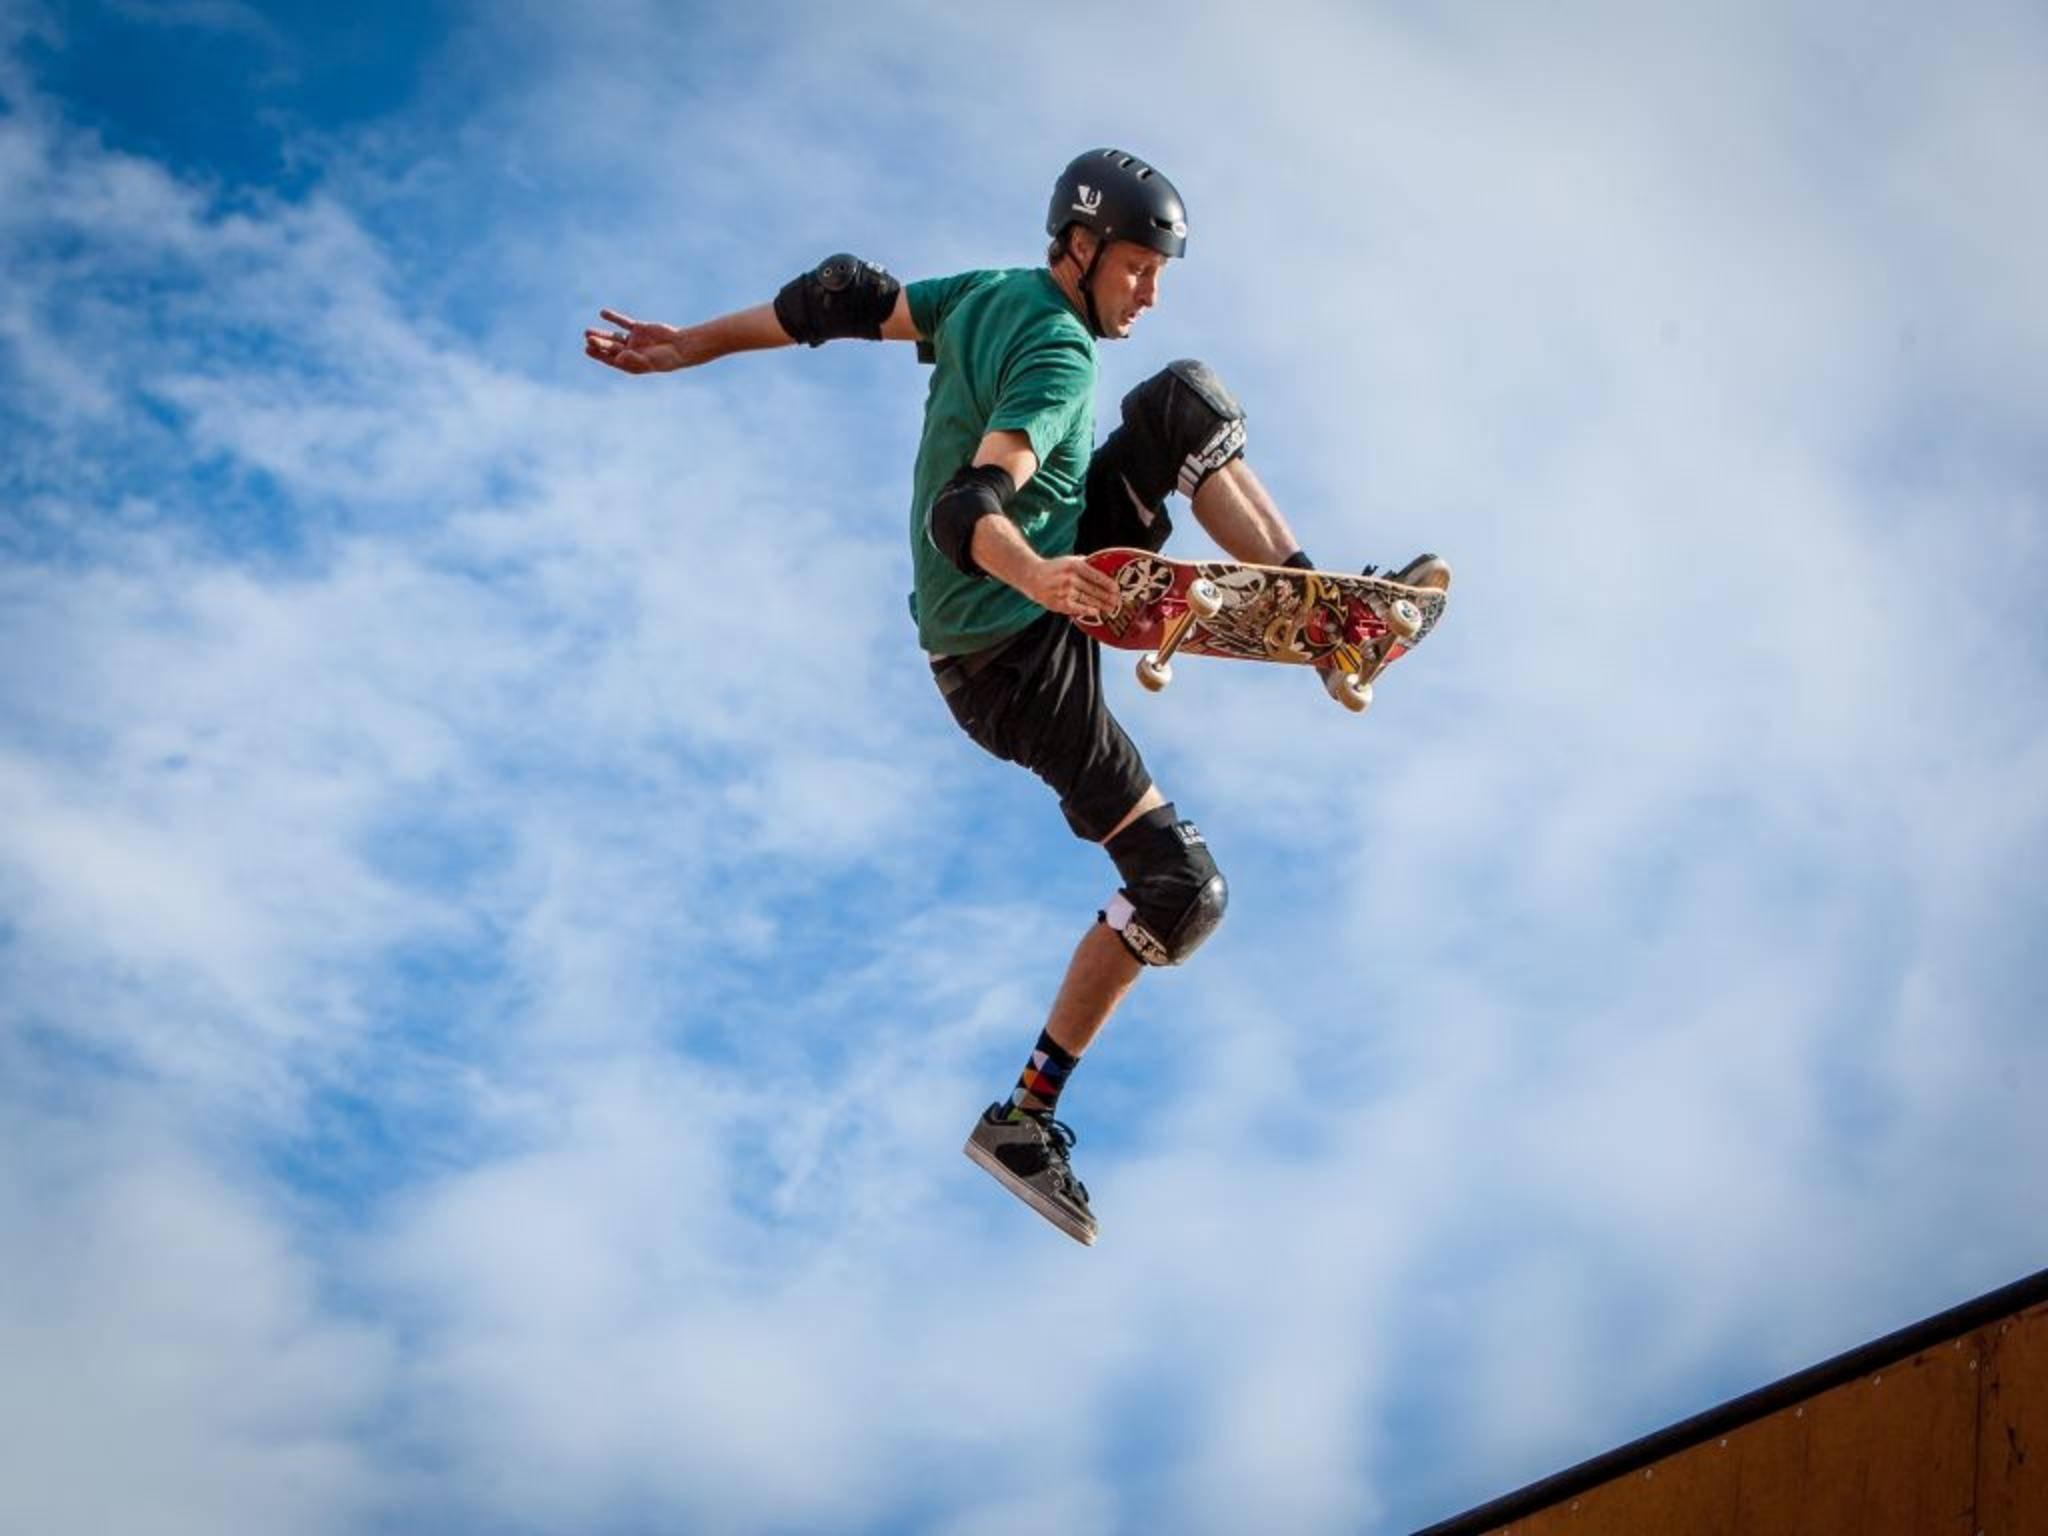 Will wieder hoch hinaus: Skatebord-Legende Tony Hawk shreddet 2015 auf der PlayStation 4.